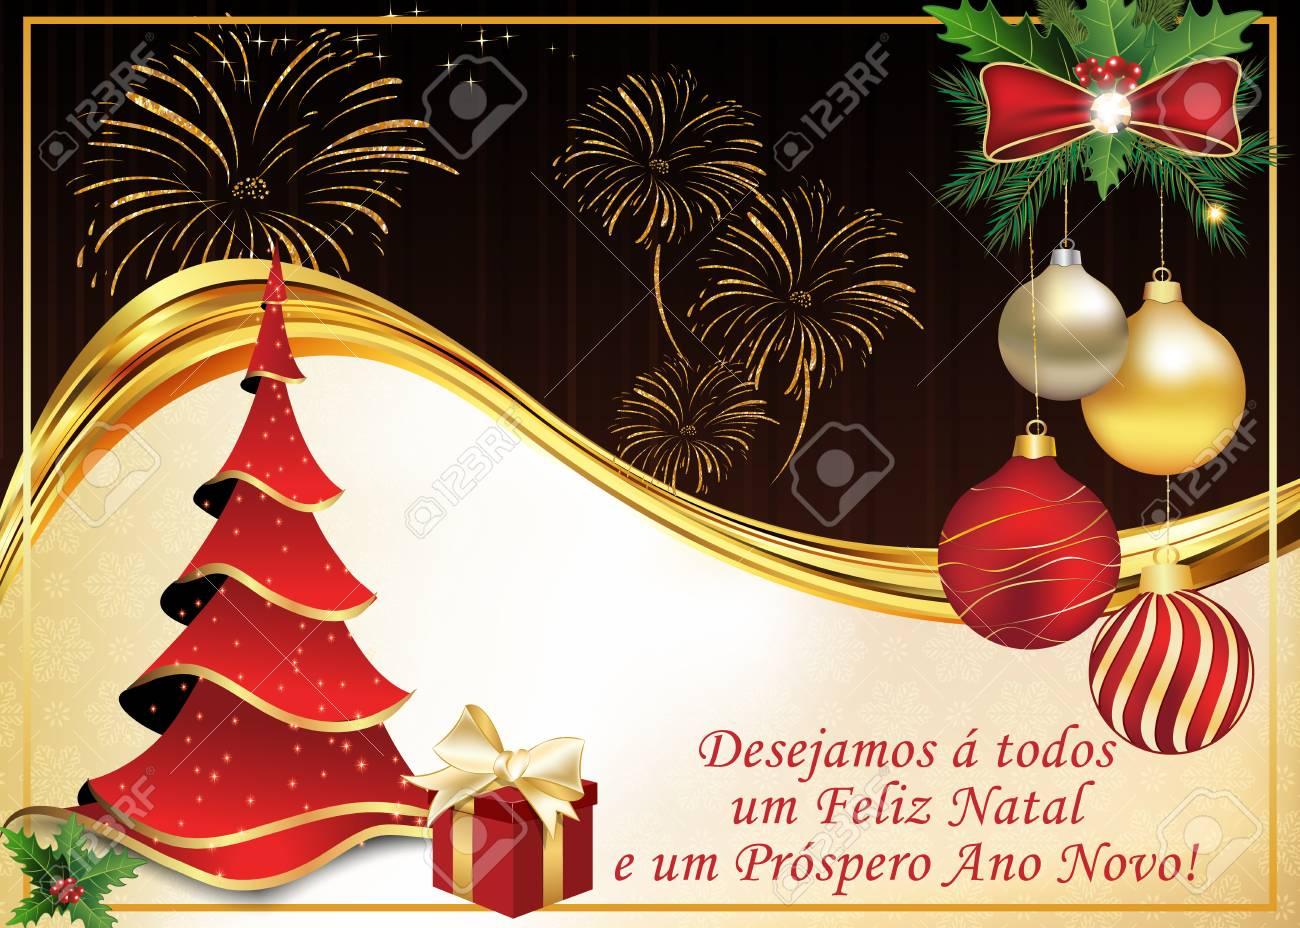 Ich Wünsche Ihnen Allen Frohe Weihnachten Und Ein Glückliches Neues ...